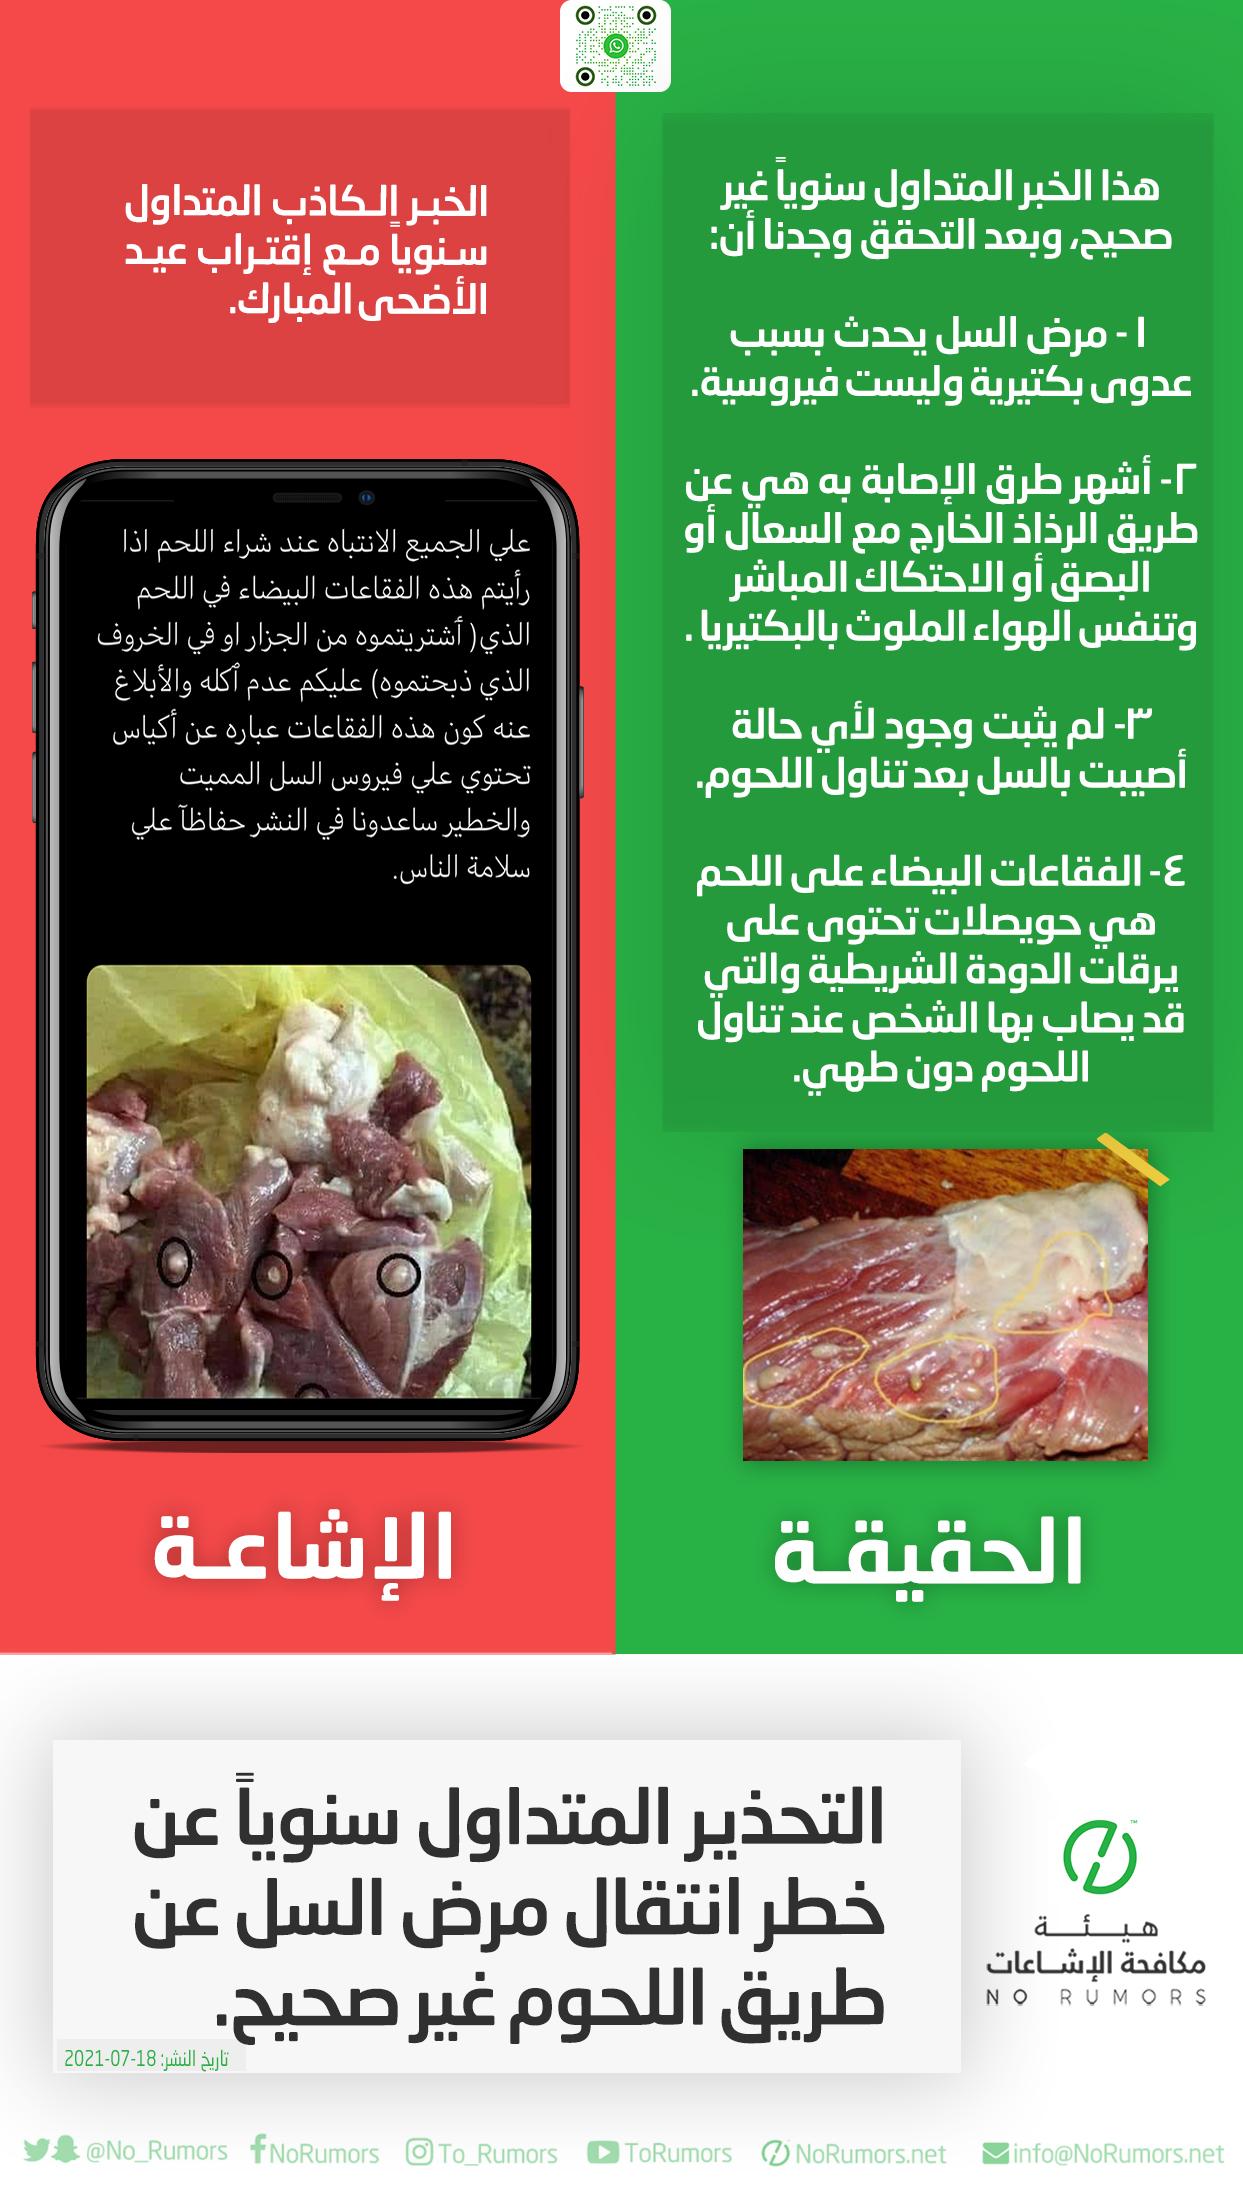 حقيقة التحذير المتداول سنوياً عن خطر انتقال مرض السل عن طريق اللحوم